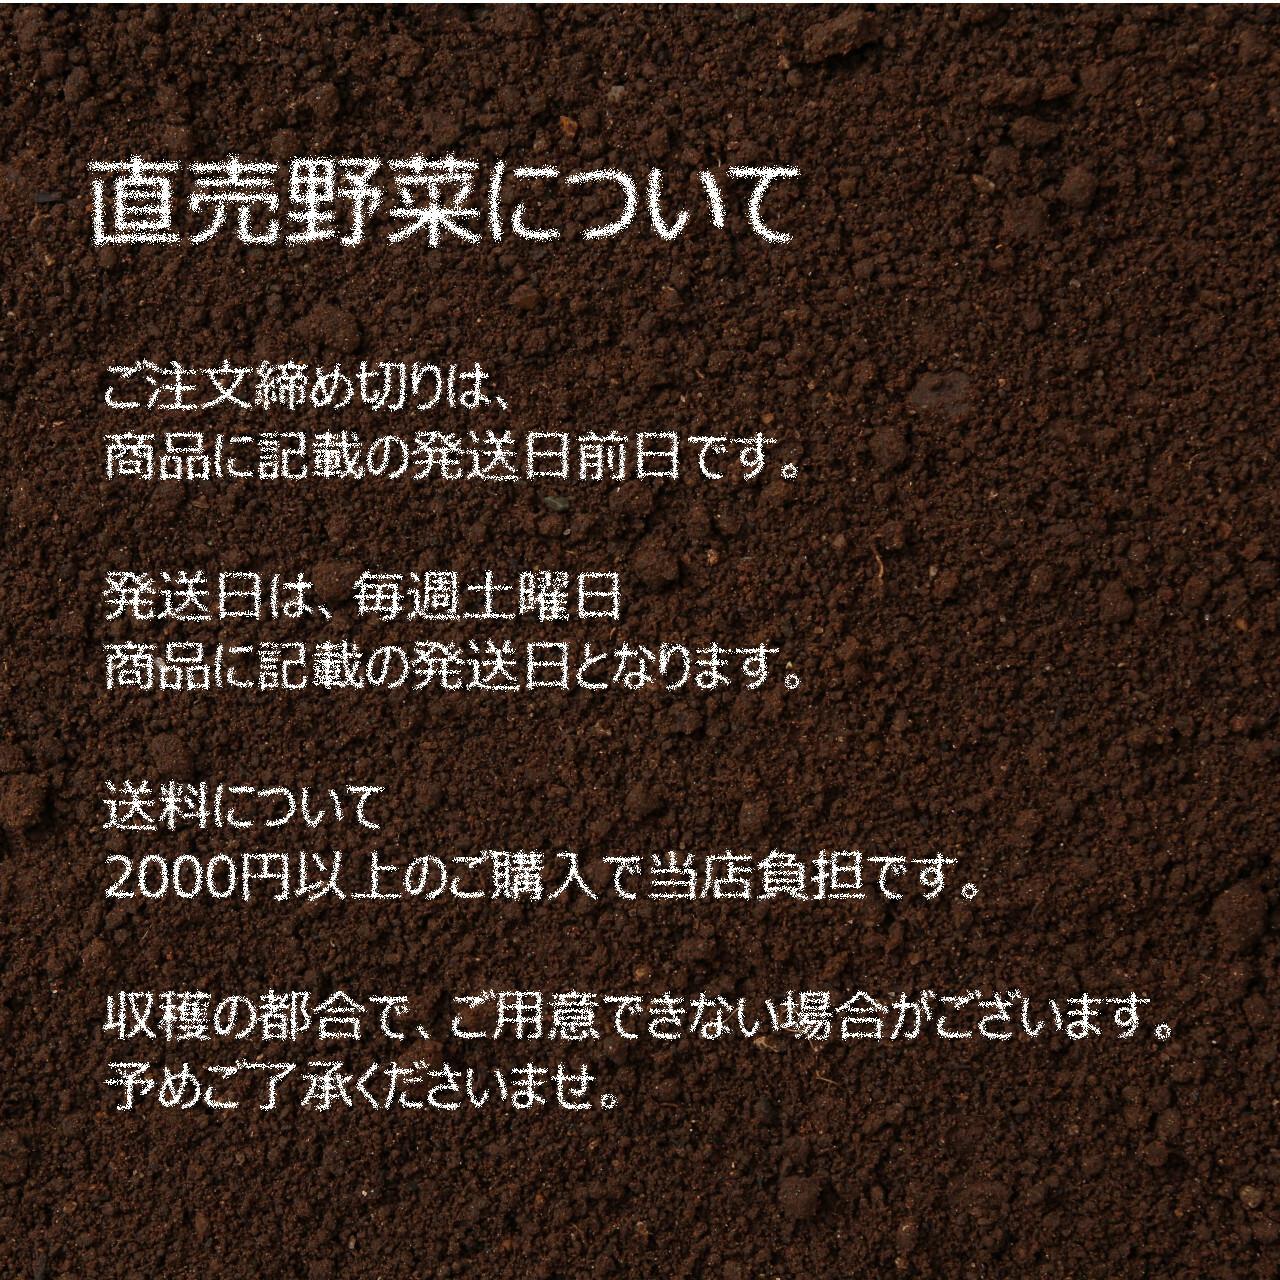 新鮮な秋野菜 : ニンニク 約2~3個 10月の朝採り直売野菜 10月17日発送予定